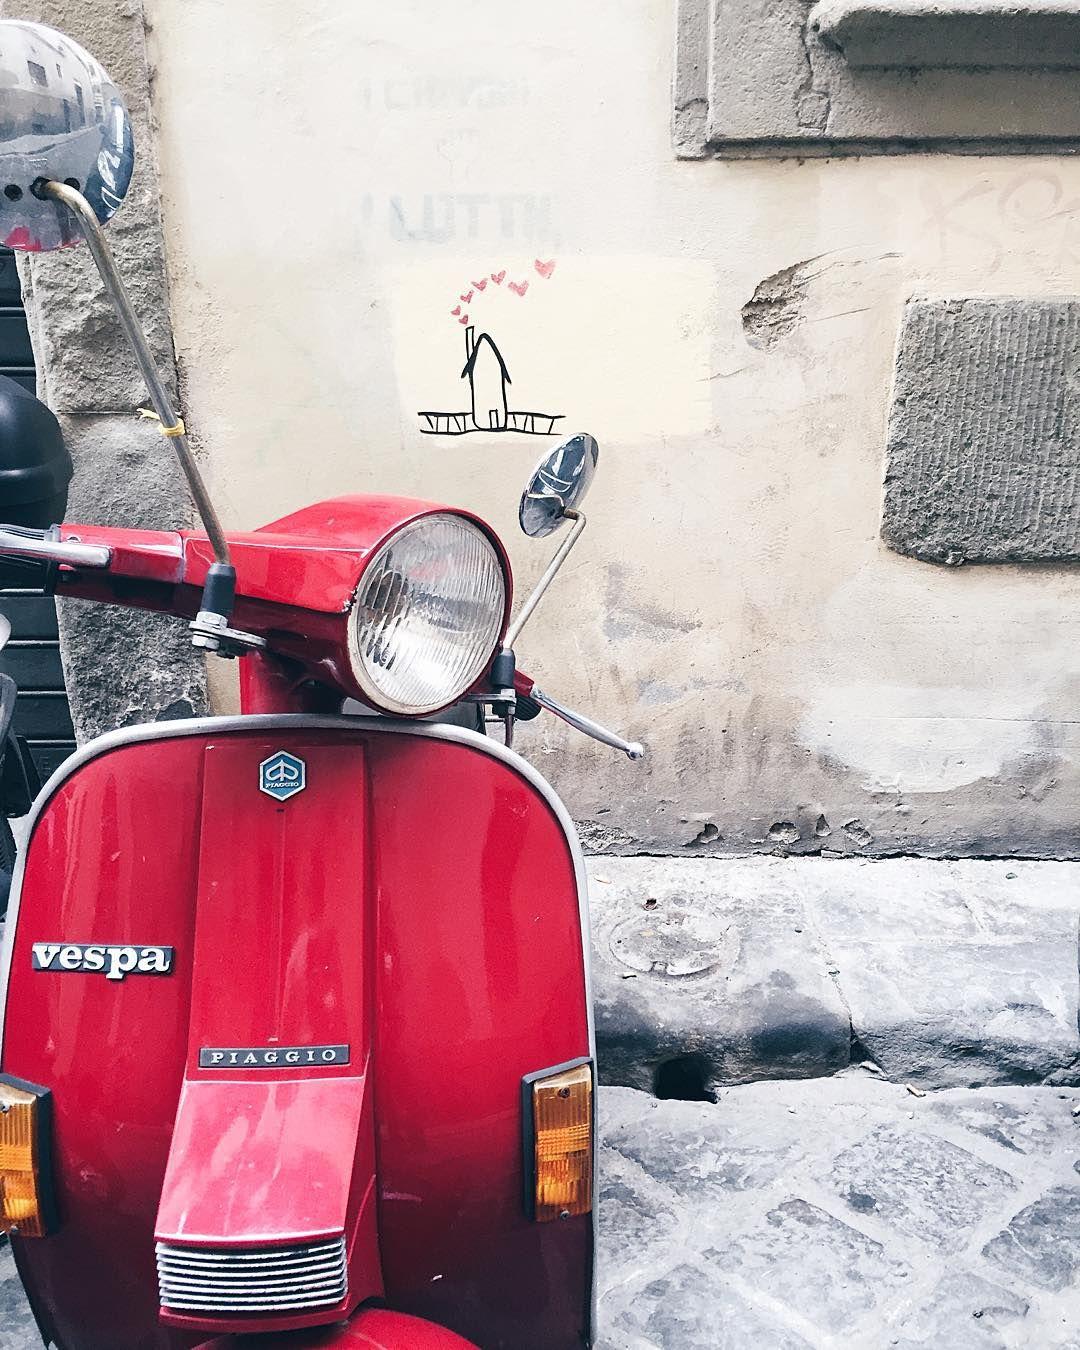 #VespaVita #VespaDispatch // @allafiorentina